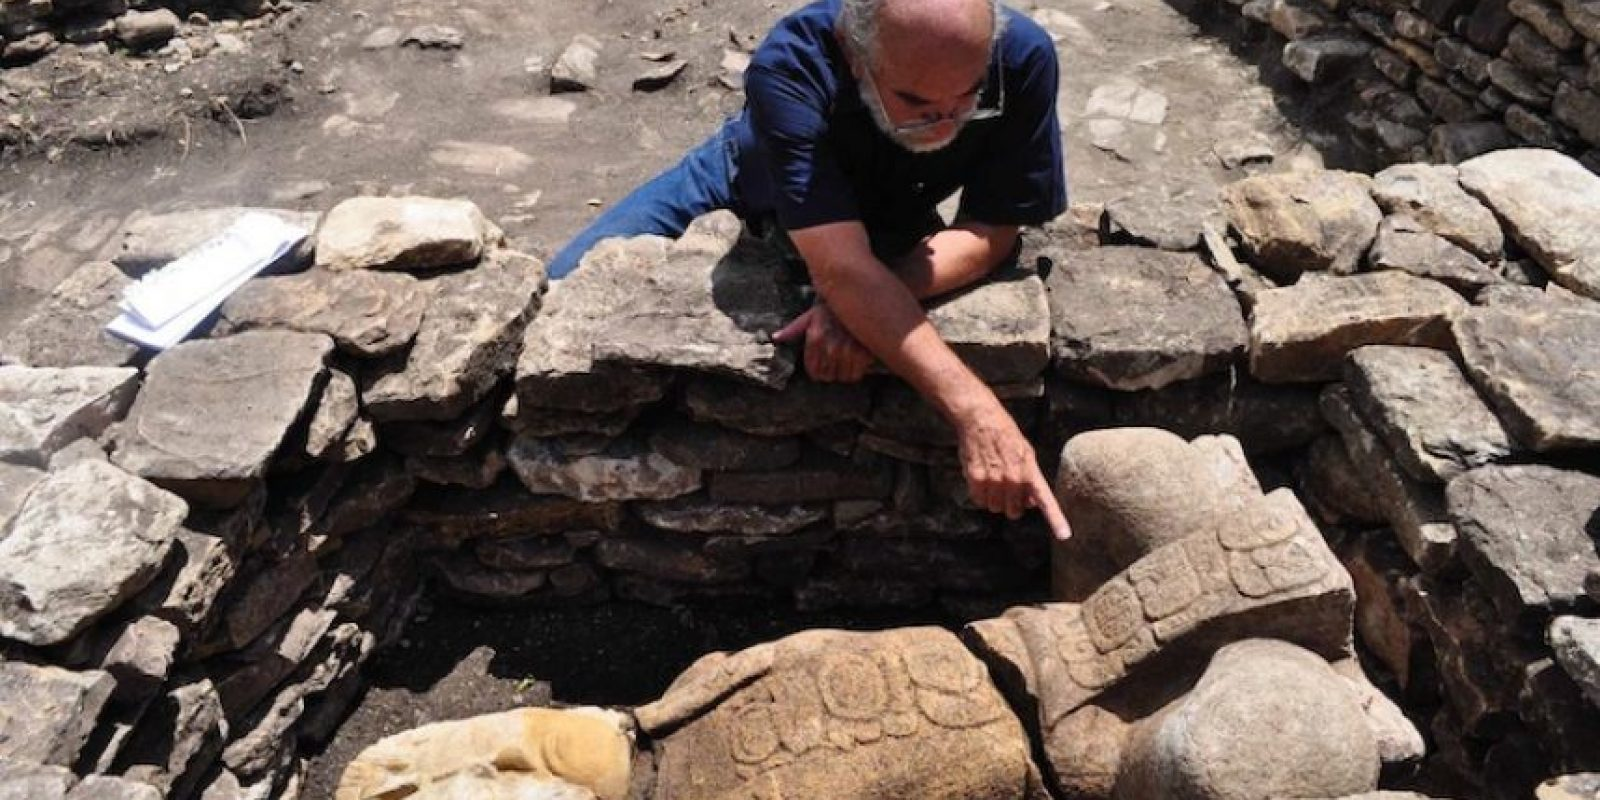 Las esculturas de 1.5 metros de altura son representaciones de guerreros hechos prisioneros por antiguos habitantes de Popo (hoy Toniná) y que en algún momento fueron expuestos en vida en los cuatro extremos de la cancha. Foto:Cuartoscuro